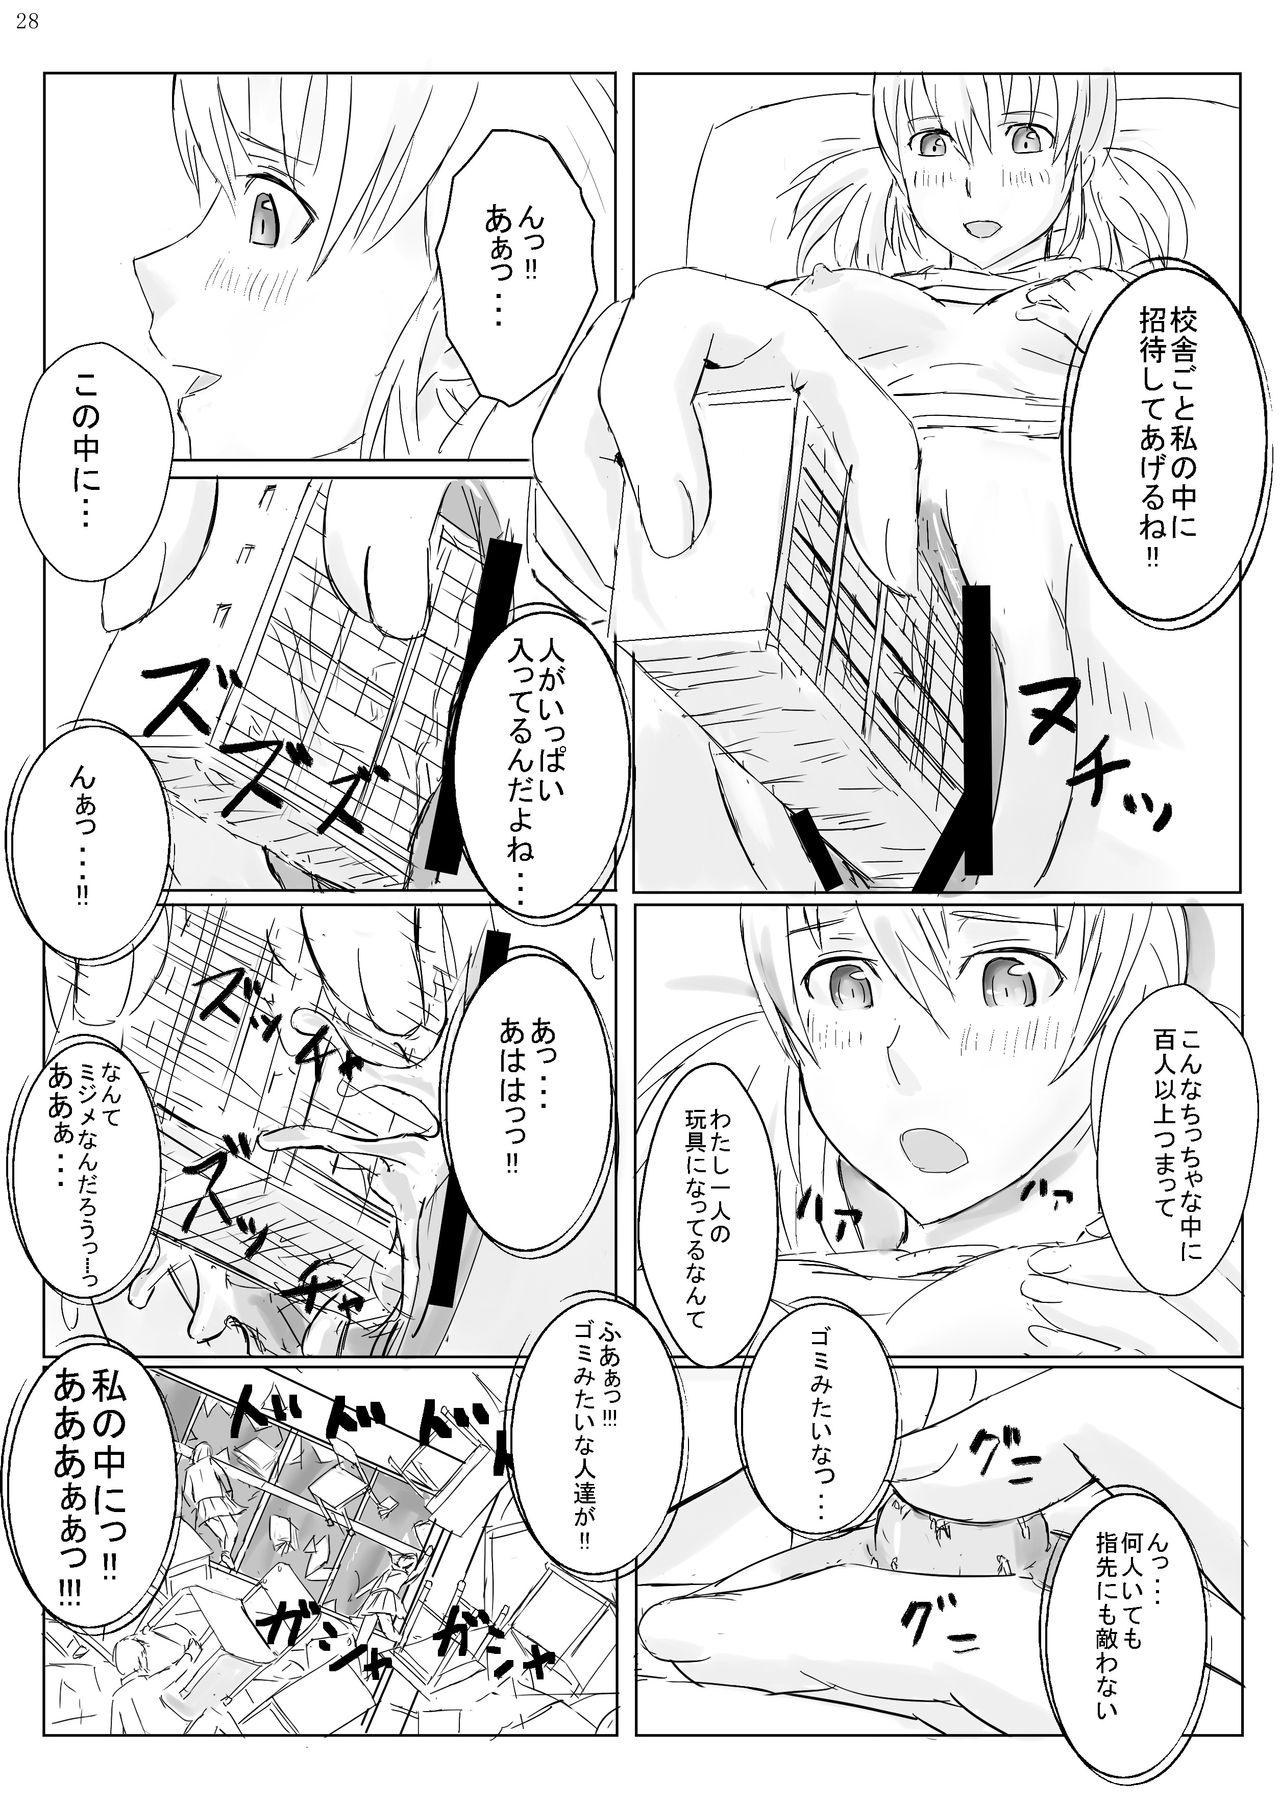 Kyojo Janee Kyodai Musume da! 27